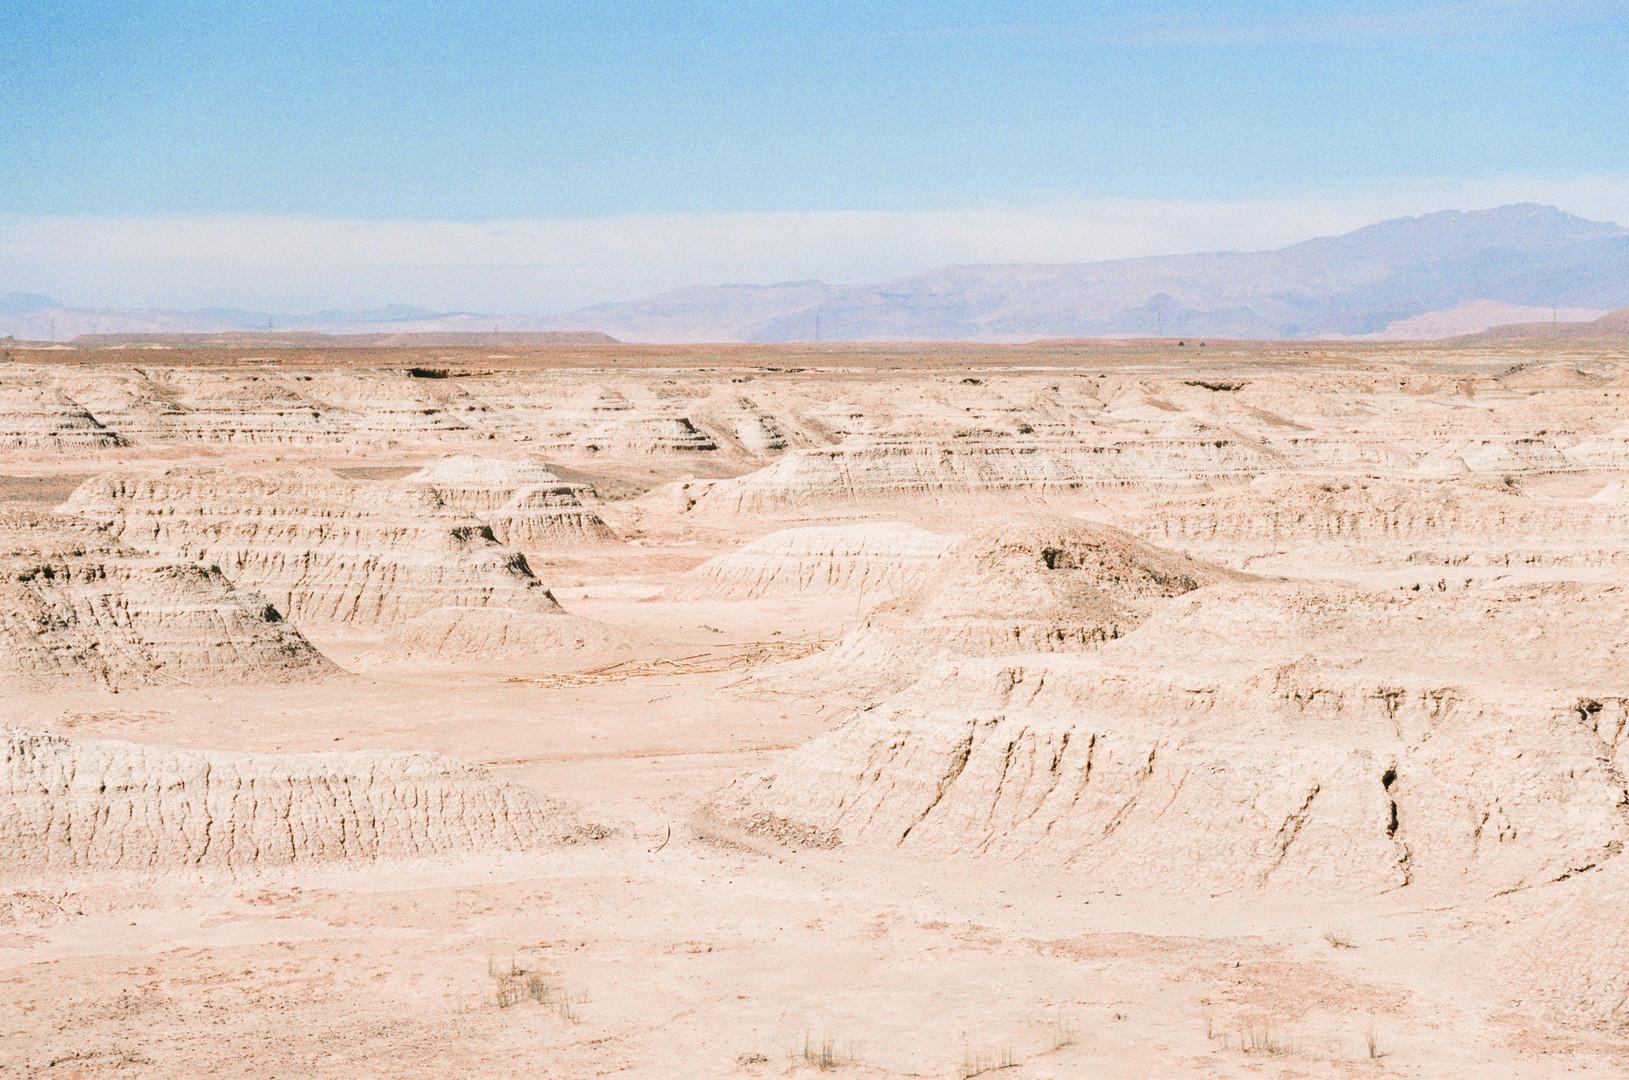 Vivid fragments of Morocco - Ouarzazate